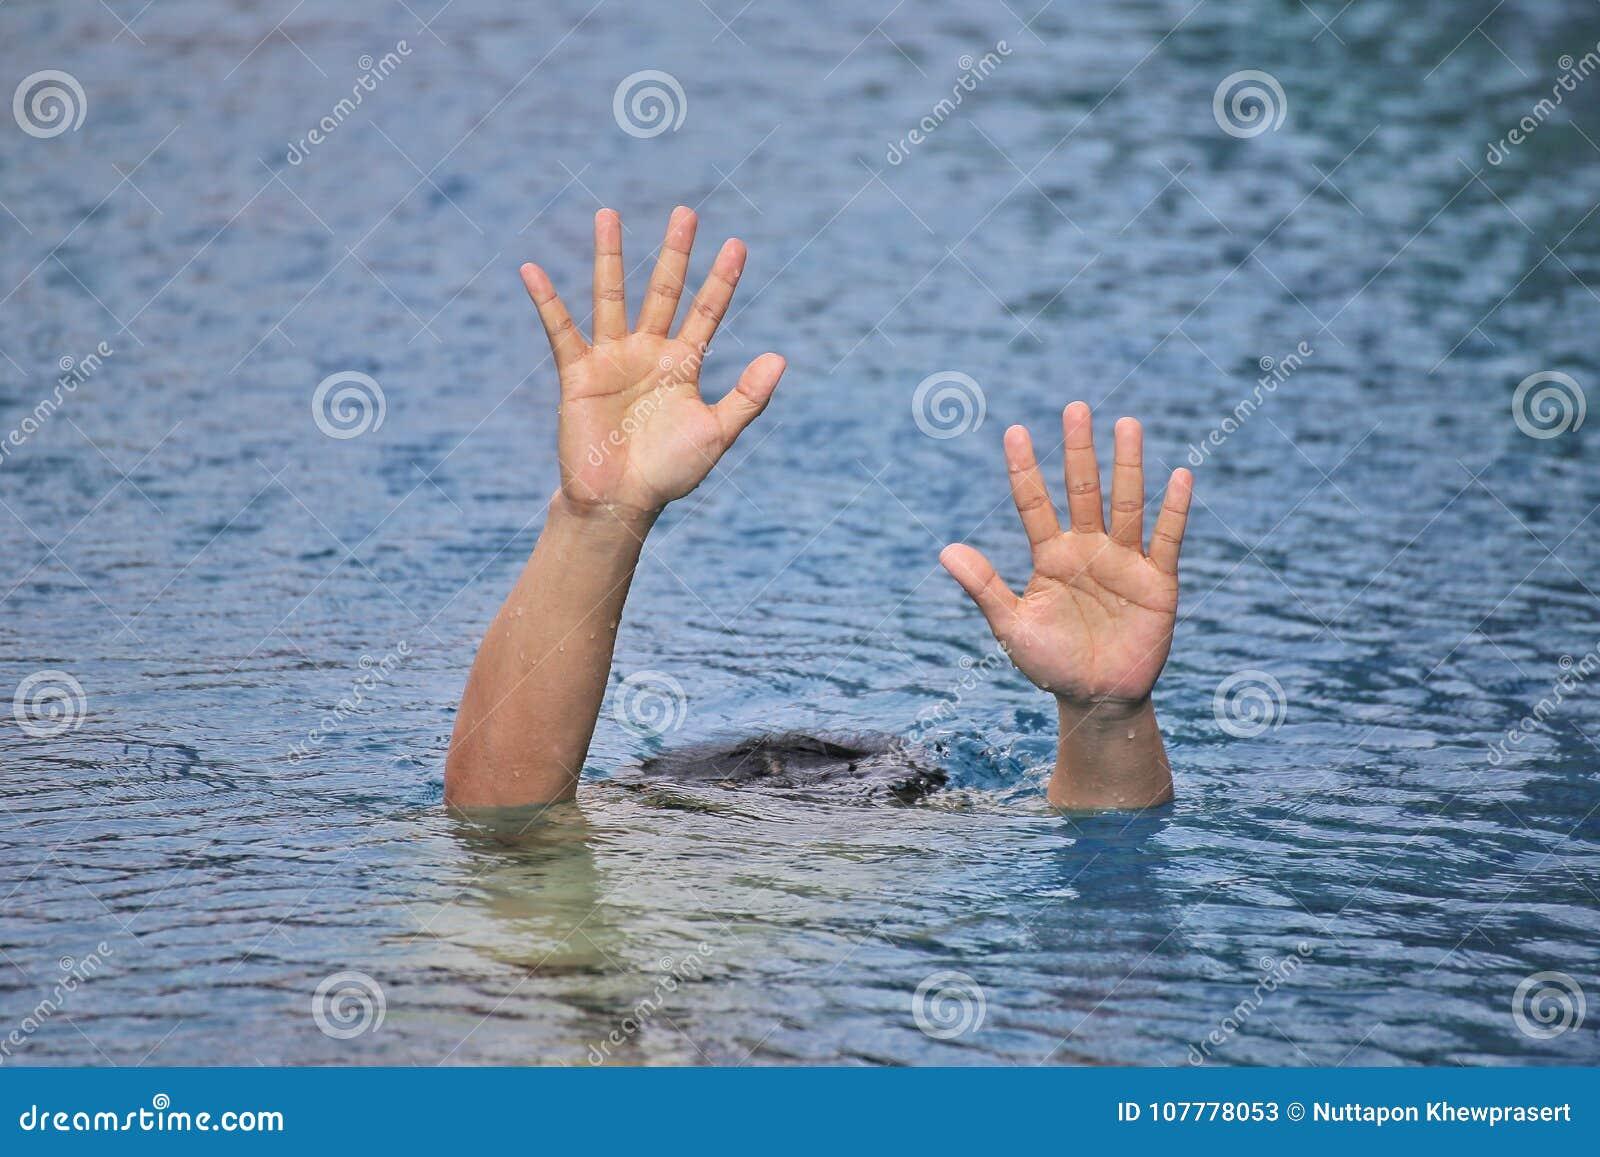 Équipez la noyade dans la piscine de porte tout en seul nageant, en soulevant deux mains et en demandant l aide SOS